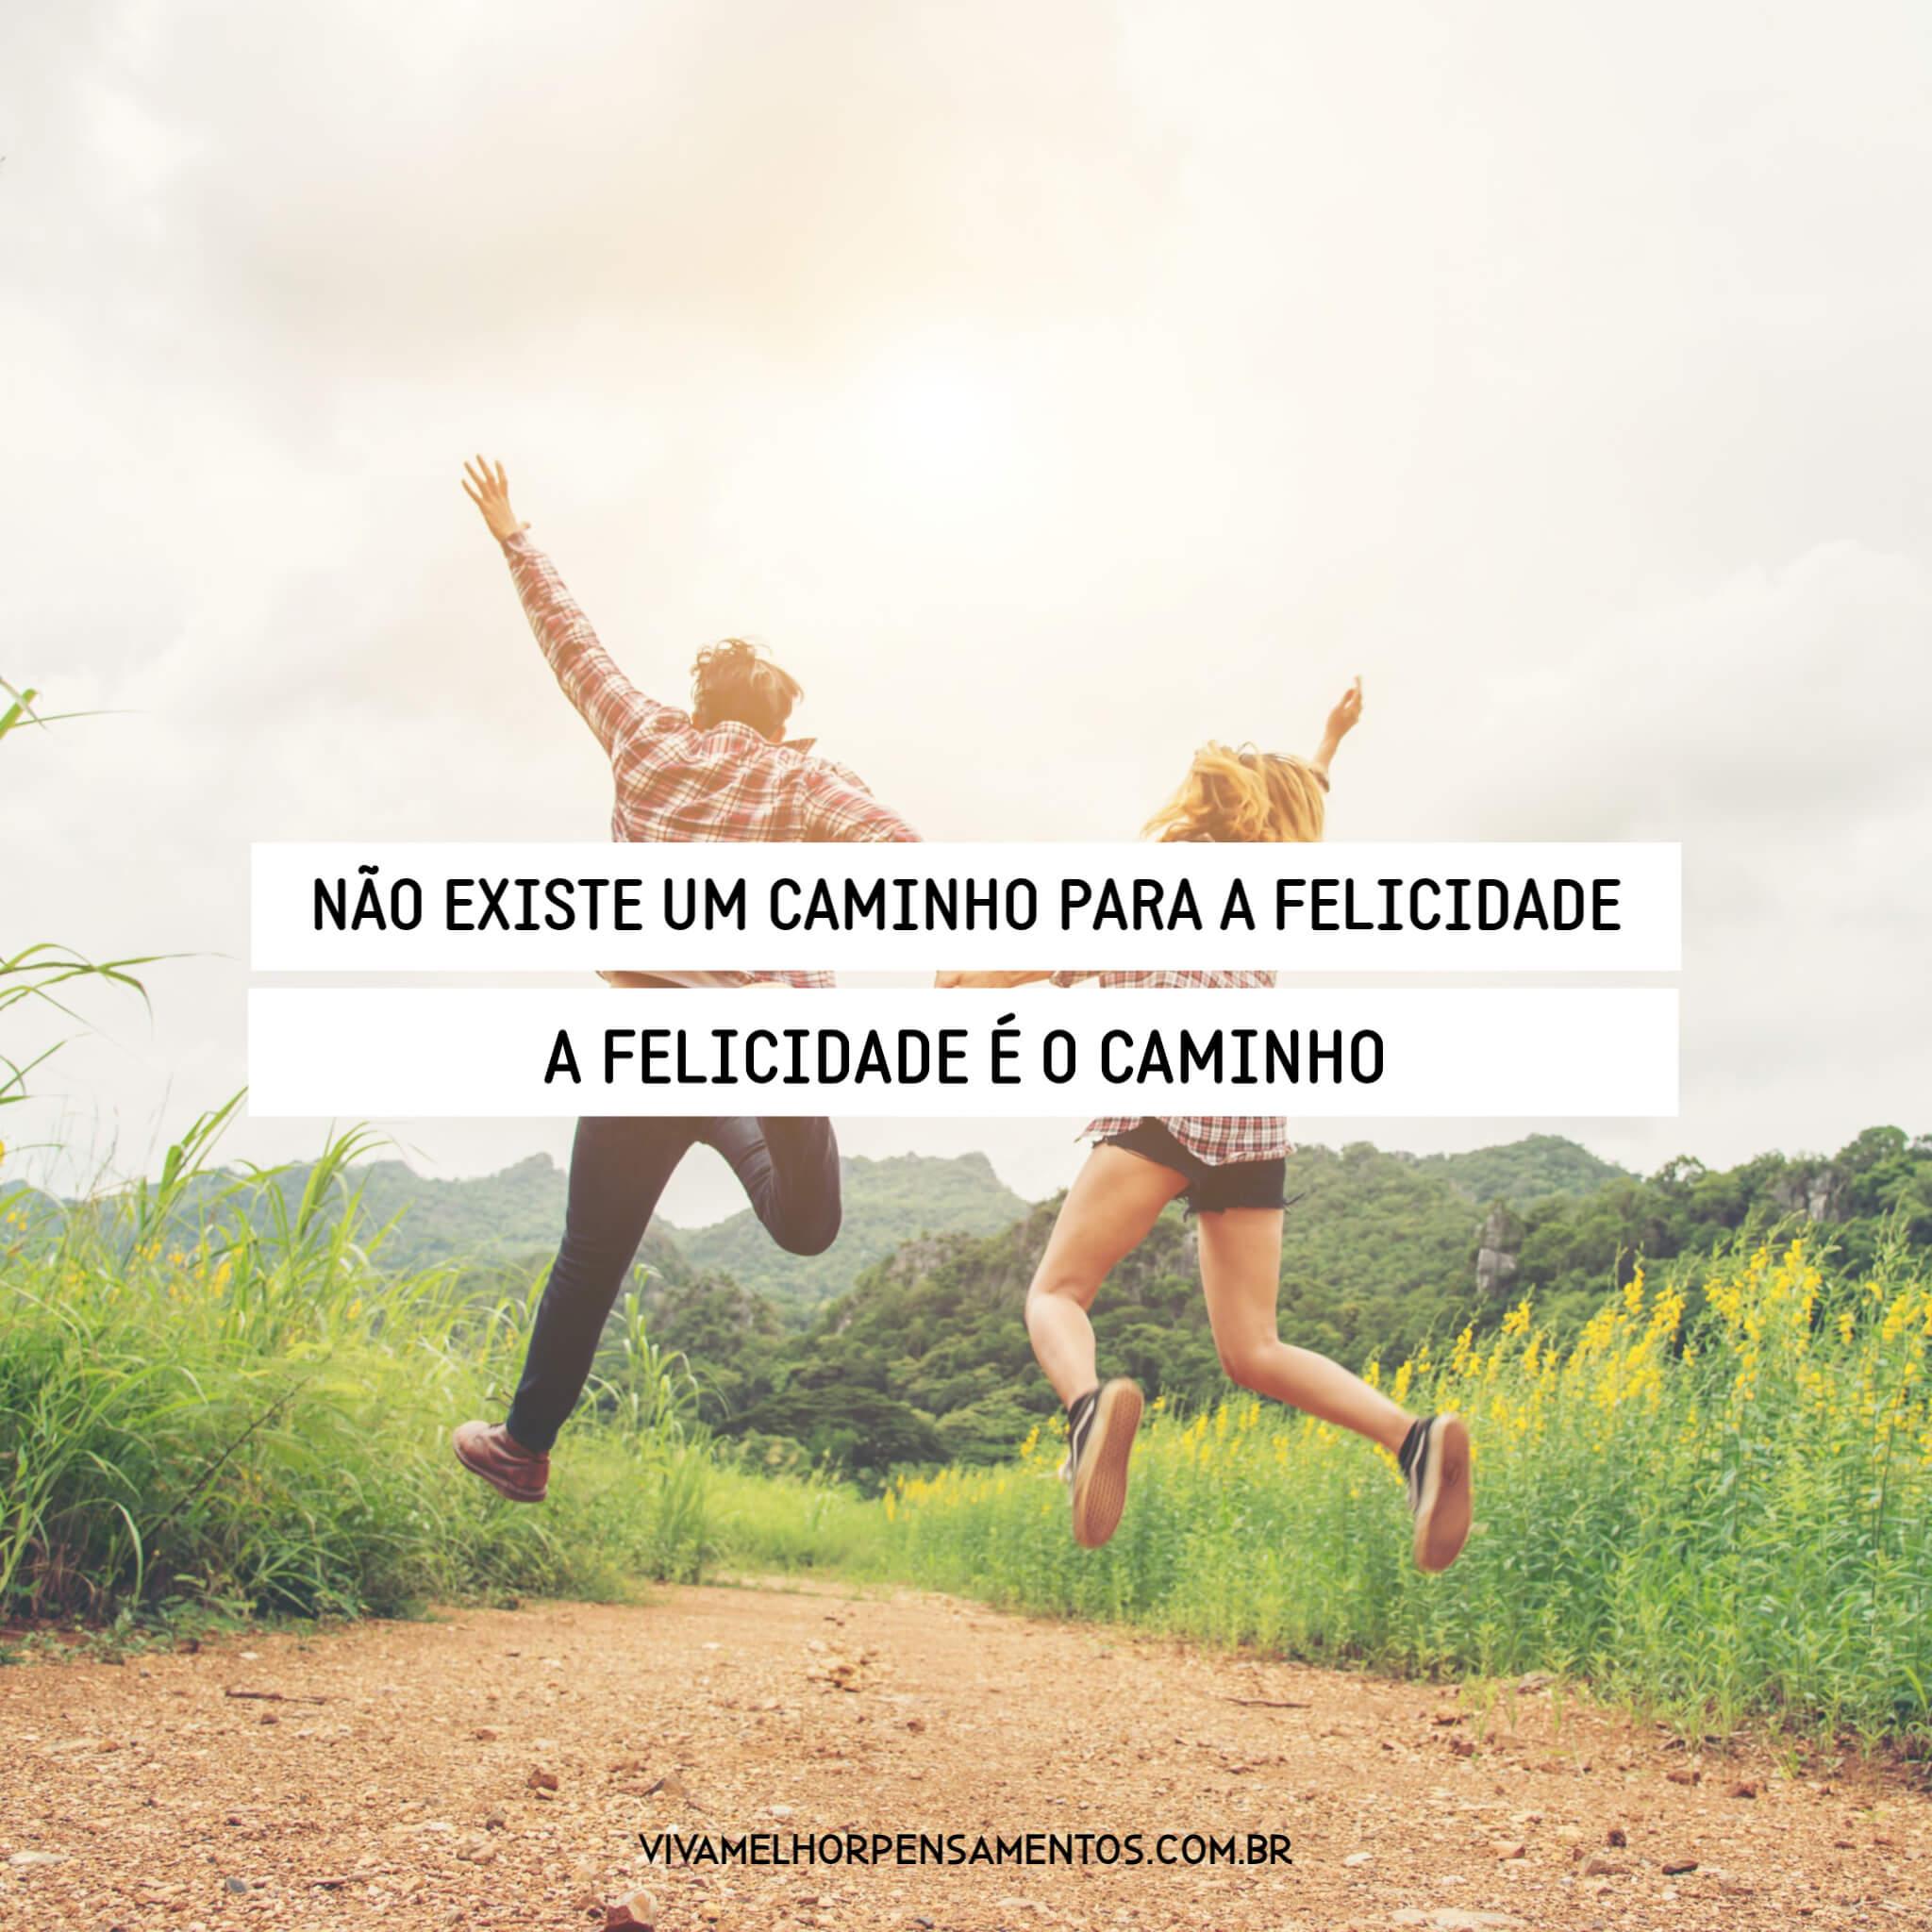 A felicidade é o caminho